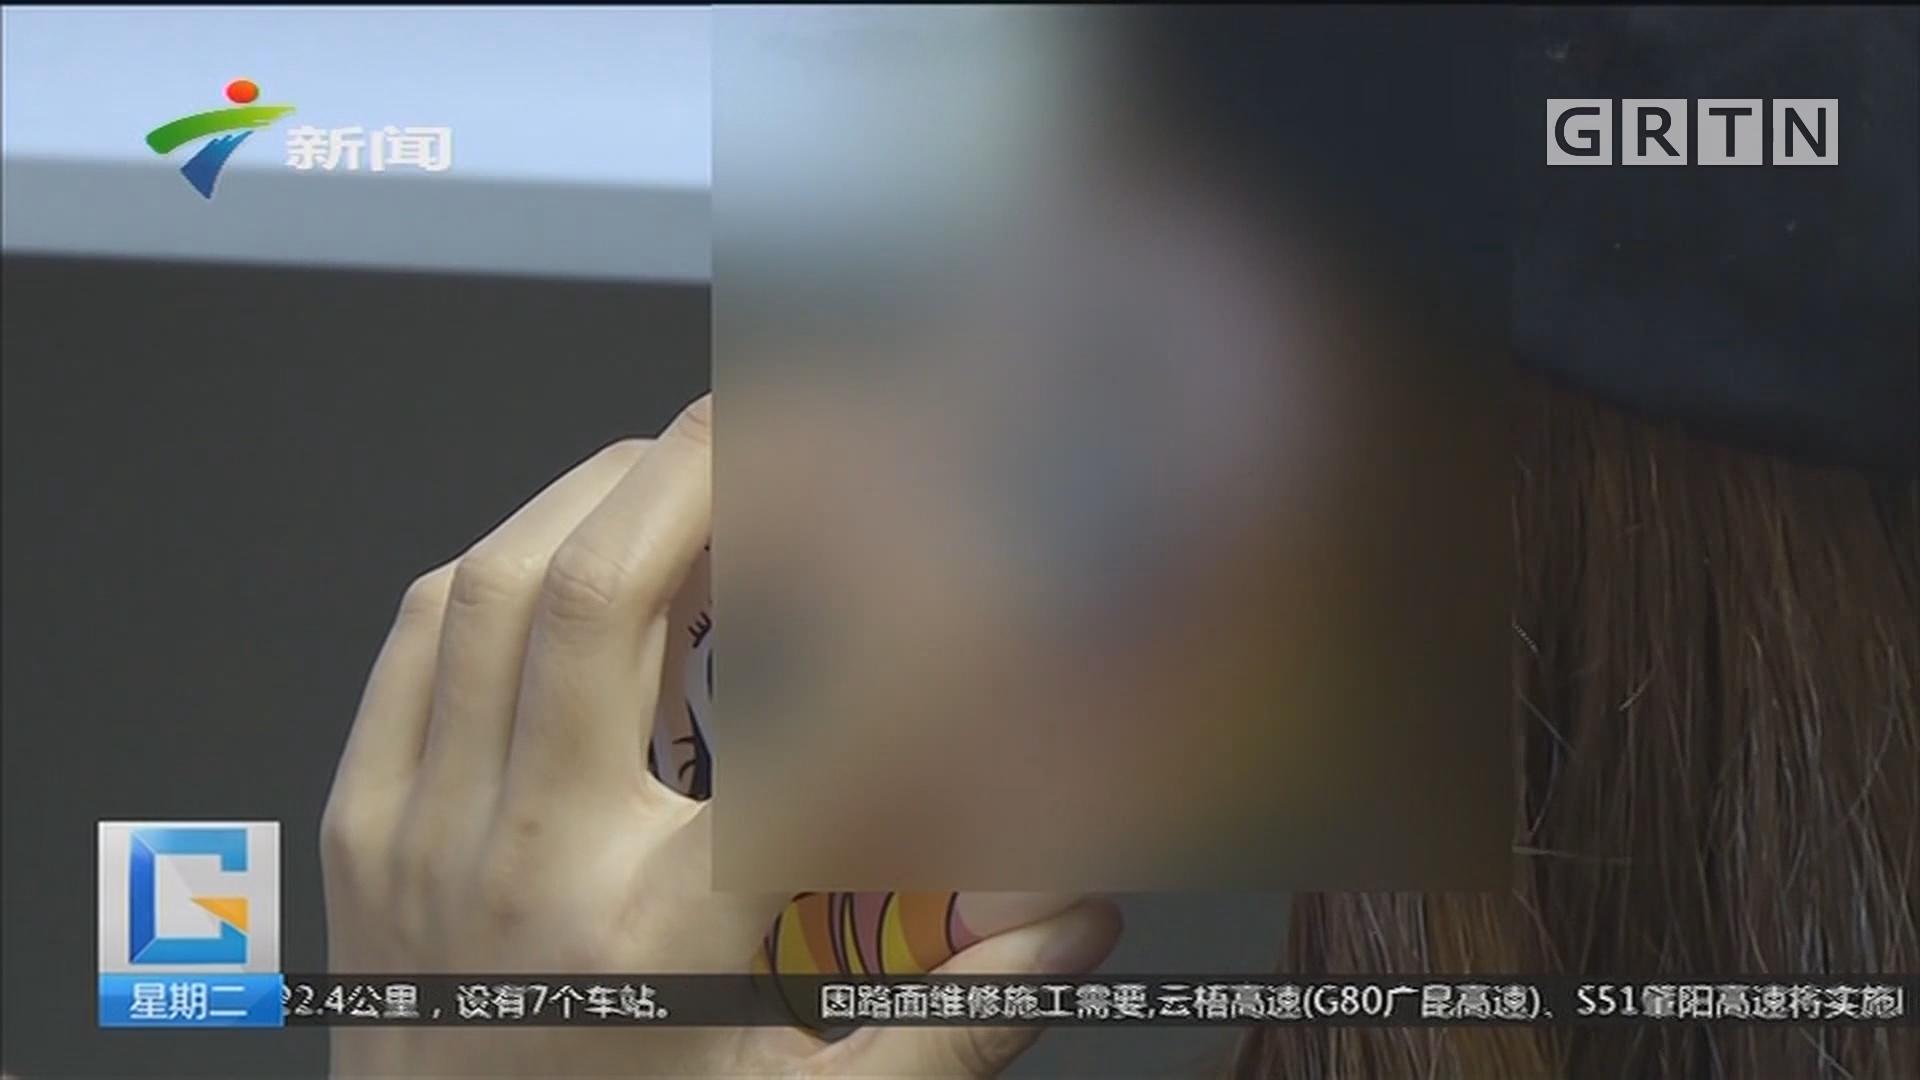 广州:广州警方打掉网络改号设备窝点 抓获3名嫌疑人